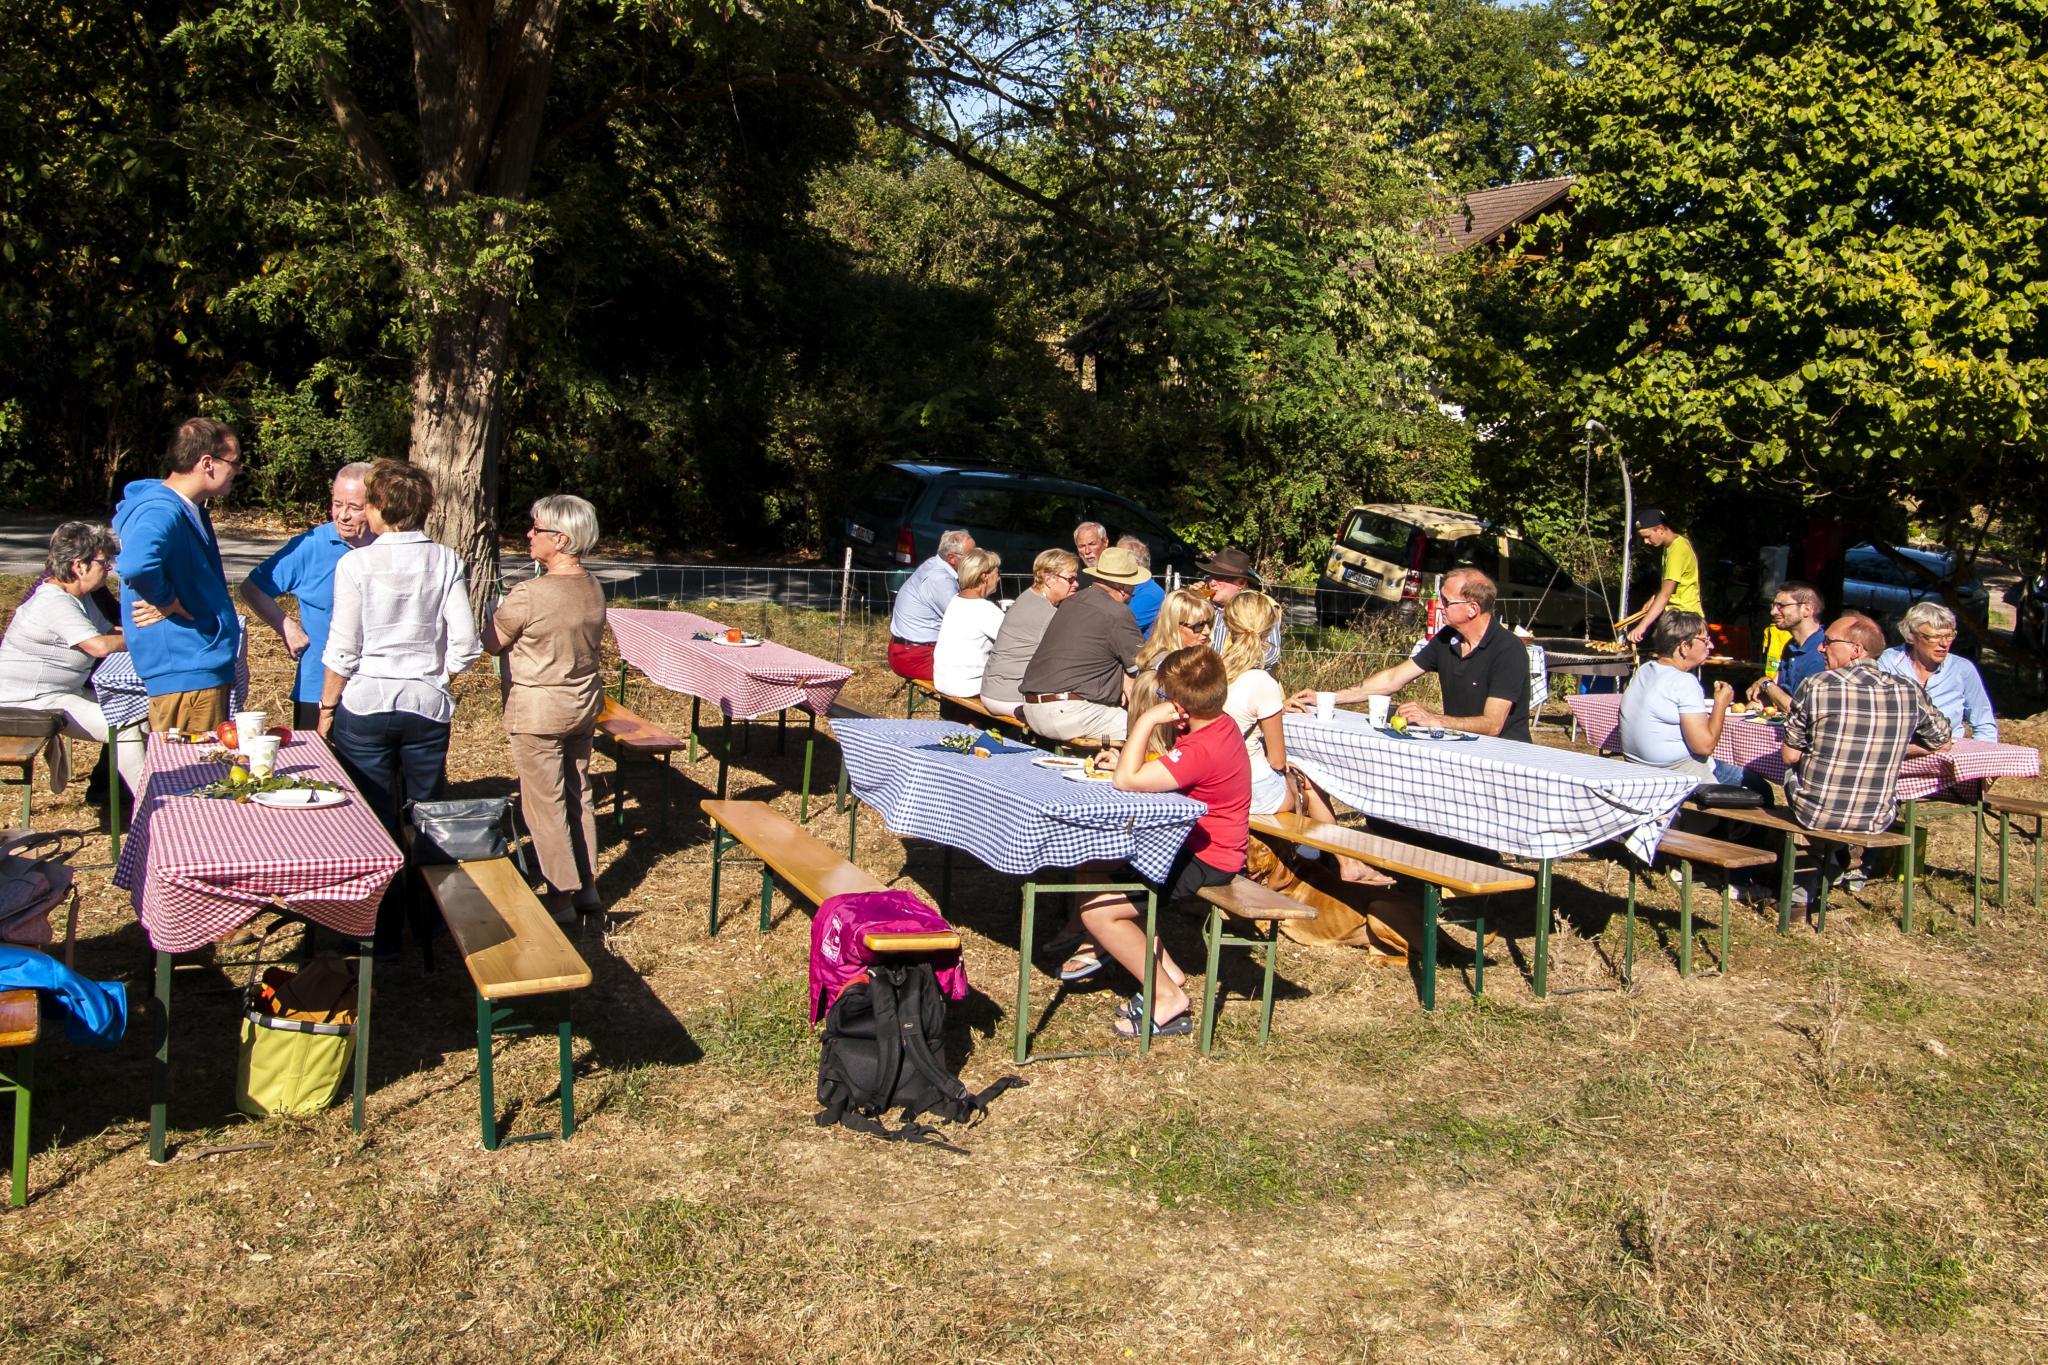 Die Sitz-Gelegenheiten auf der Streuobstwiese wurden gut genutzt. - Foto: Kathy Büscher